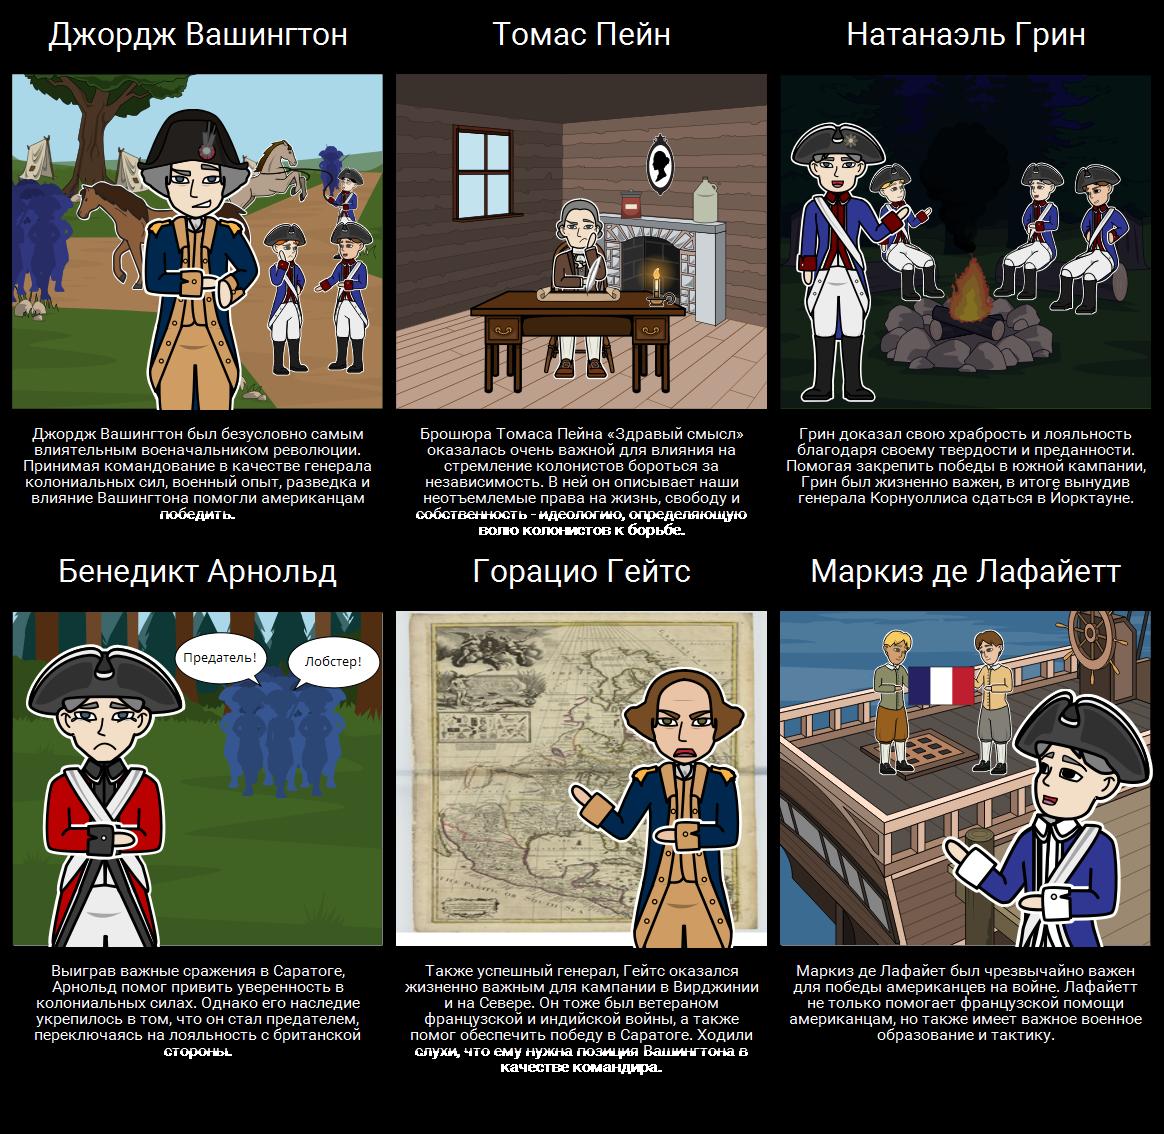 Важные Люди Американской Революции